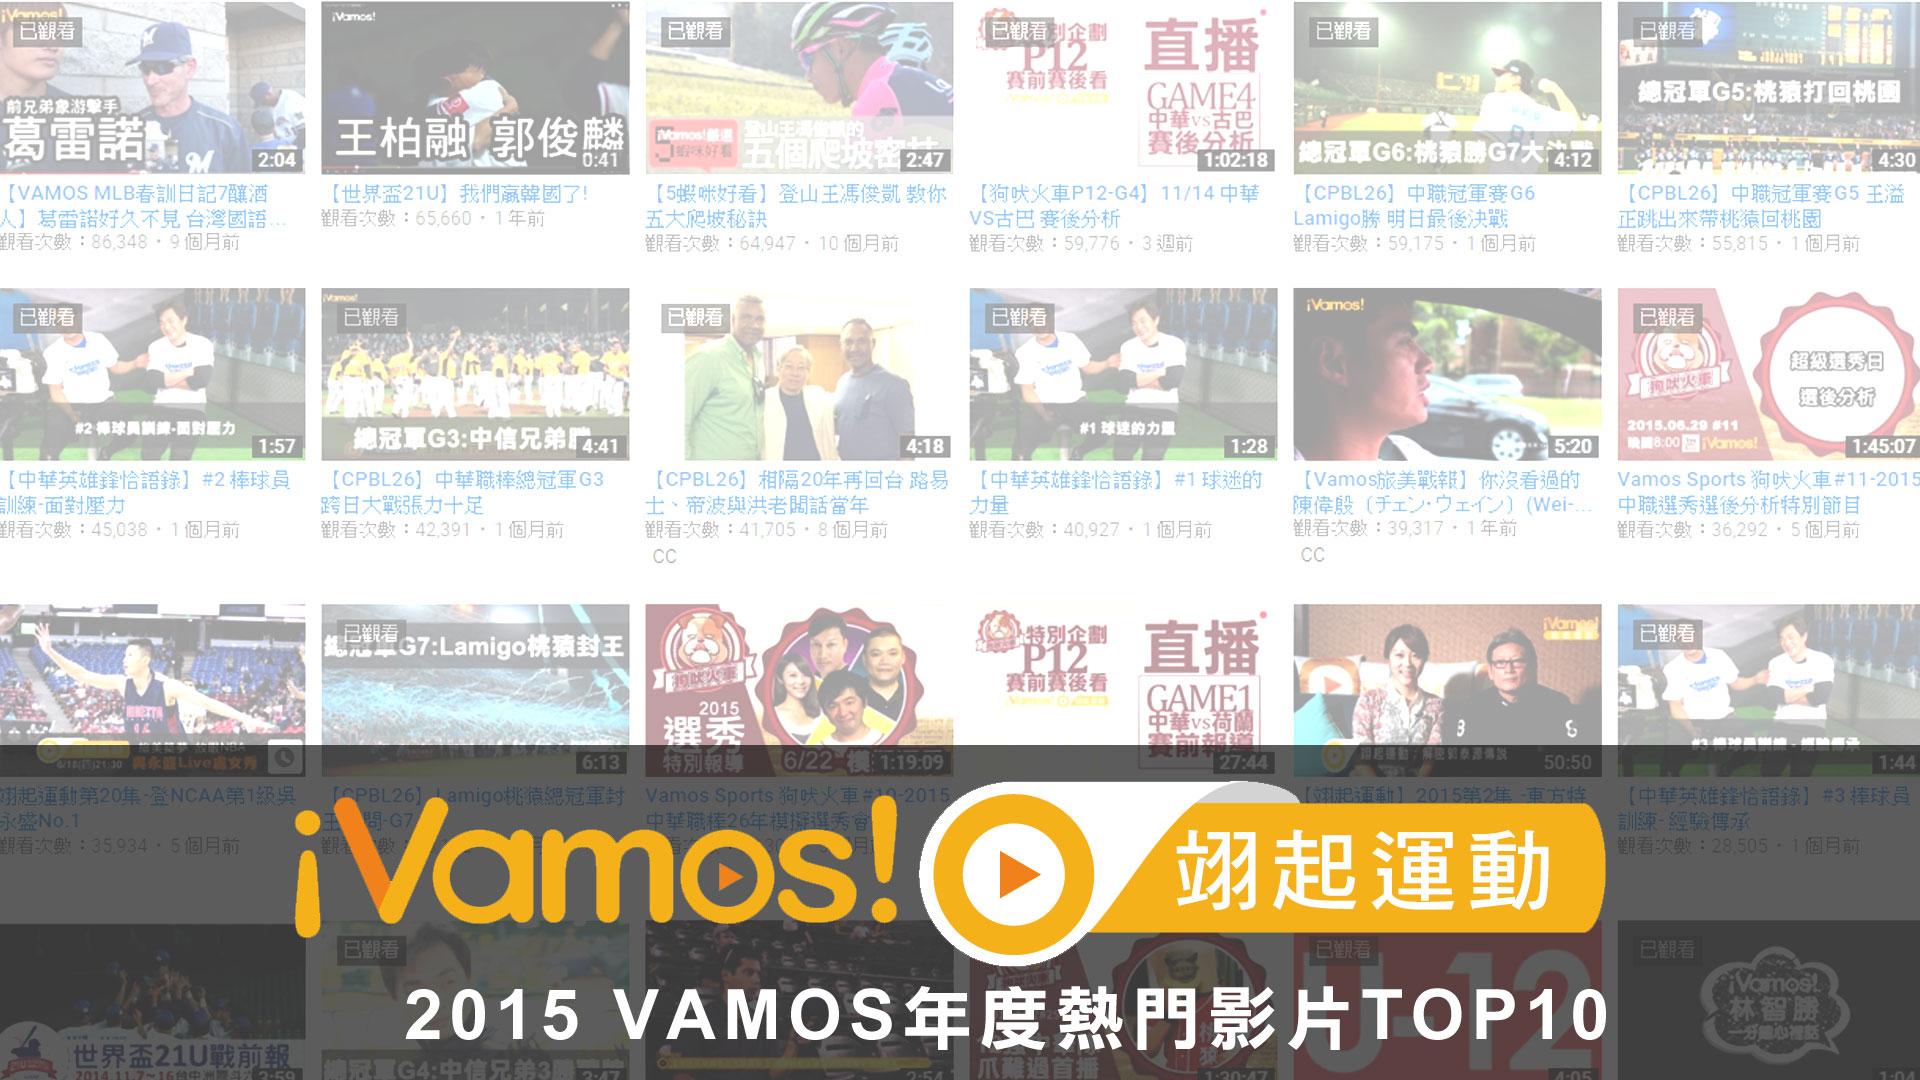 翊起運動TOP10